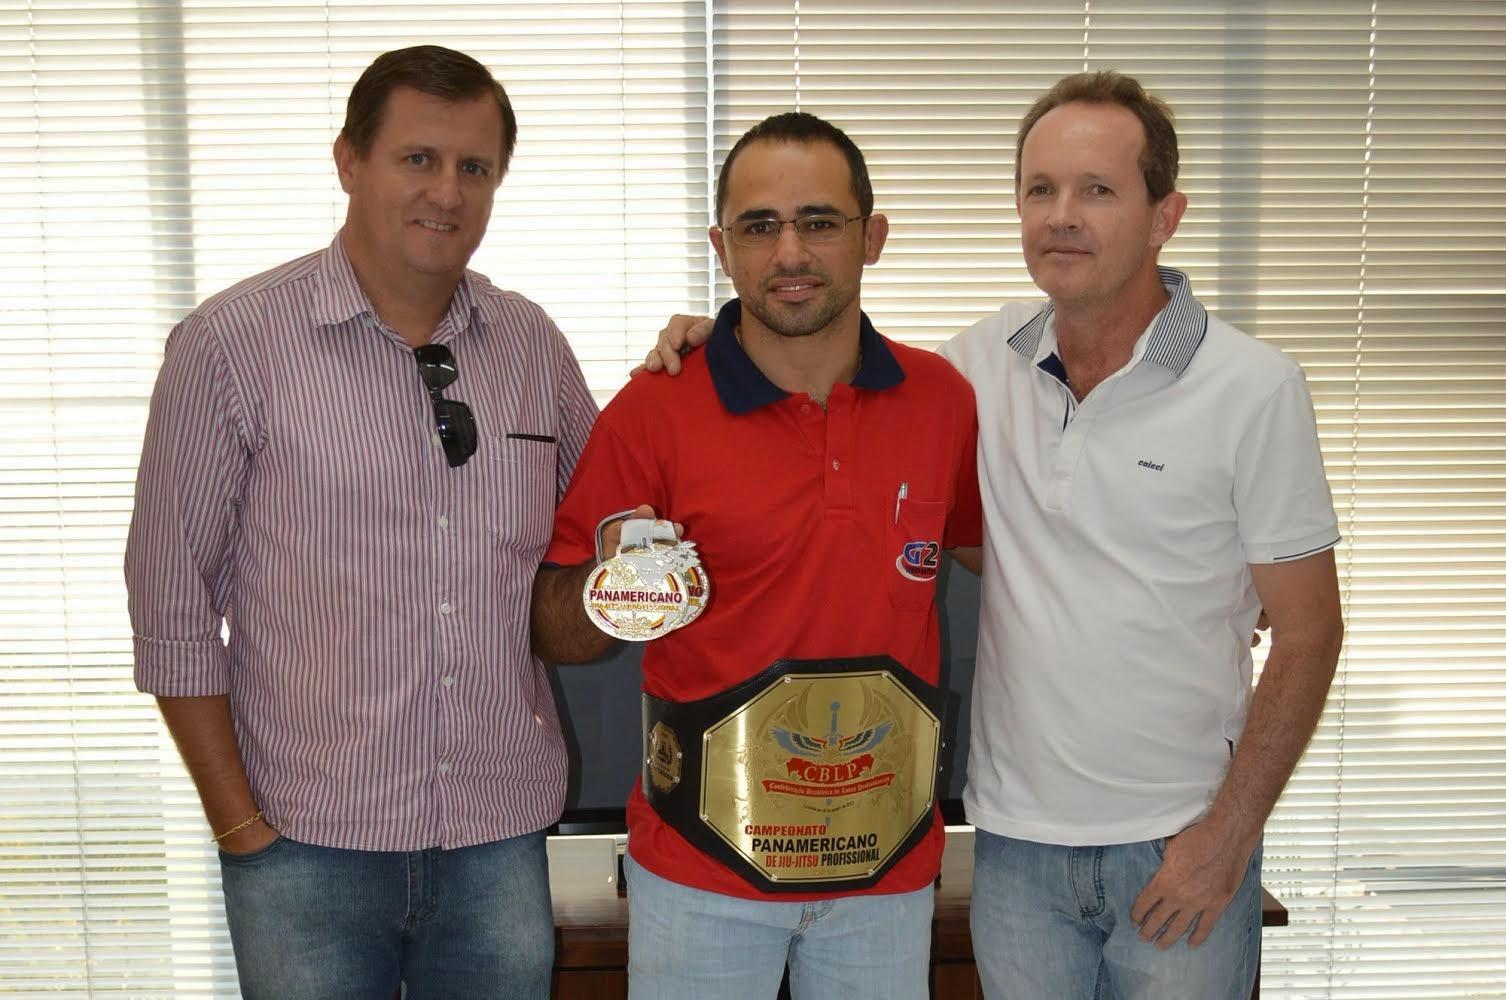 Canarana:  Com apoio da Prefeitura, atleta participa do Panamericano de Jiu-Jitsu e é campeão